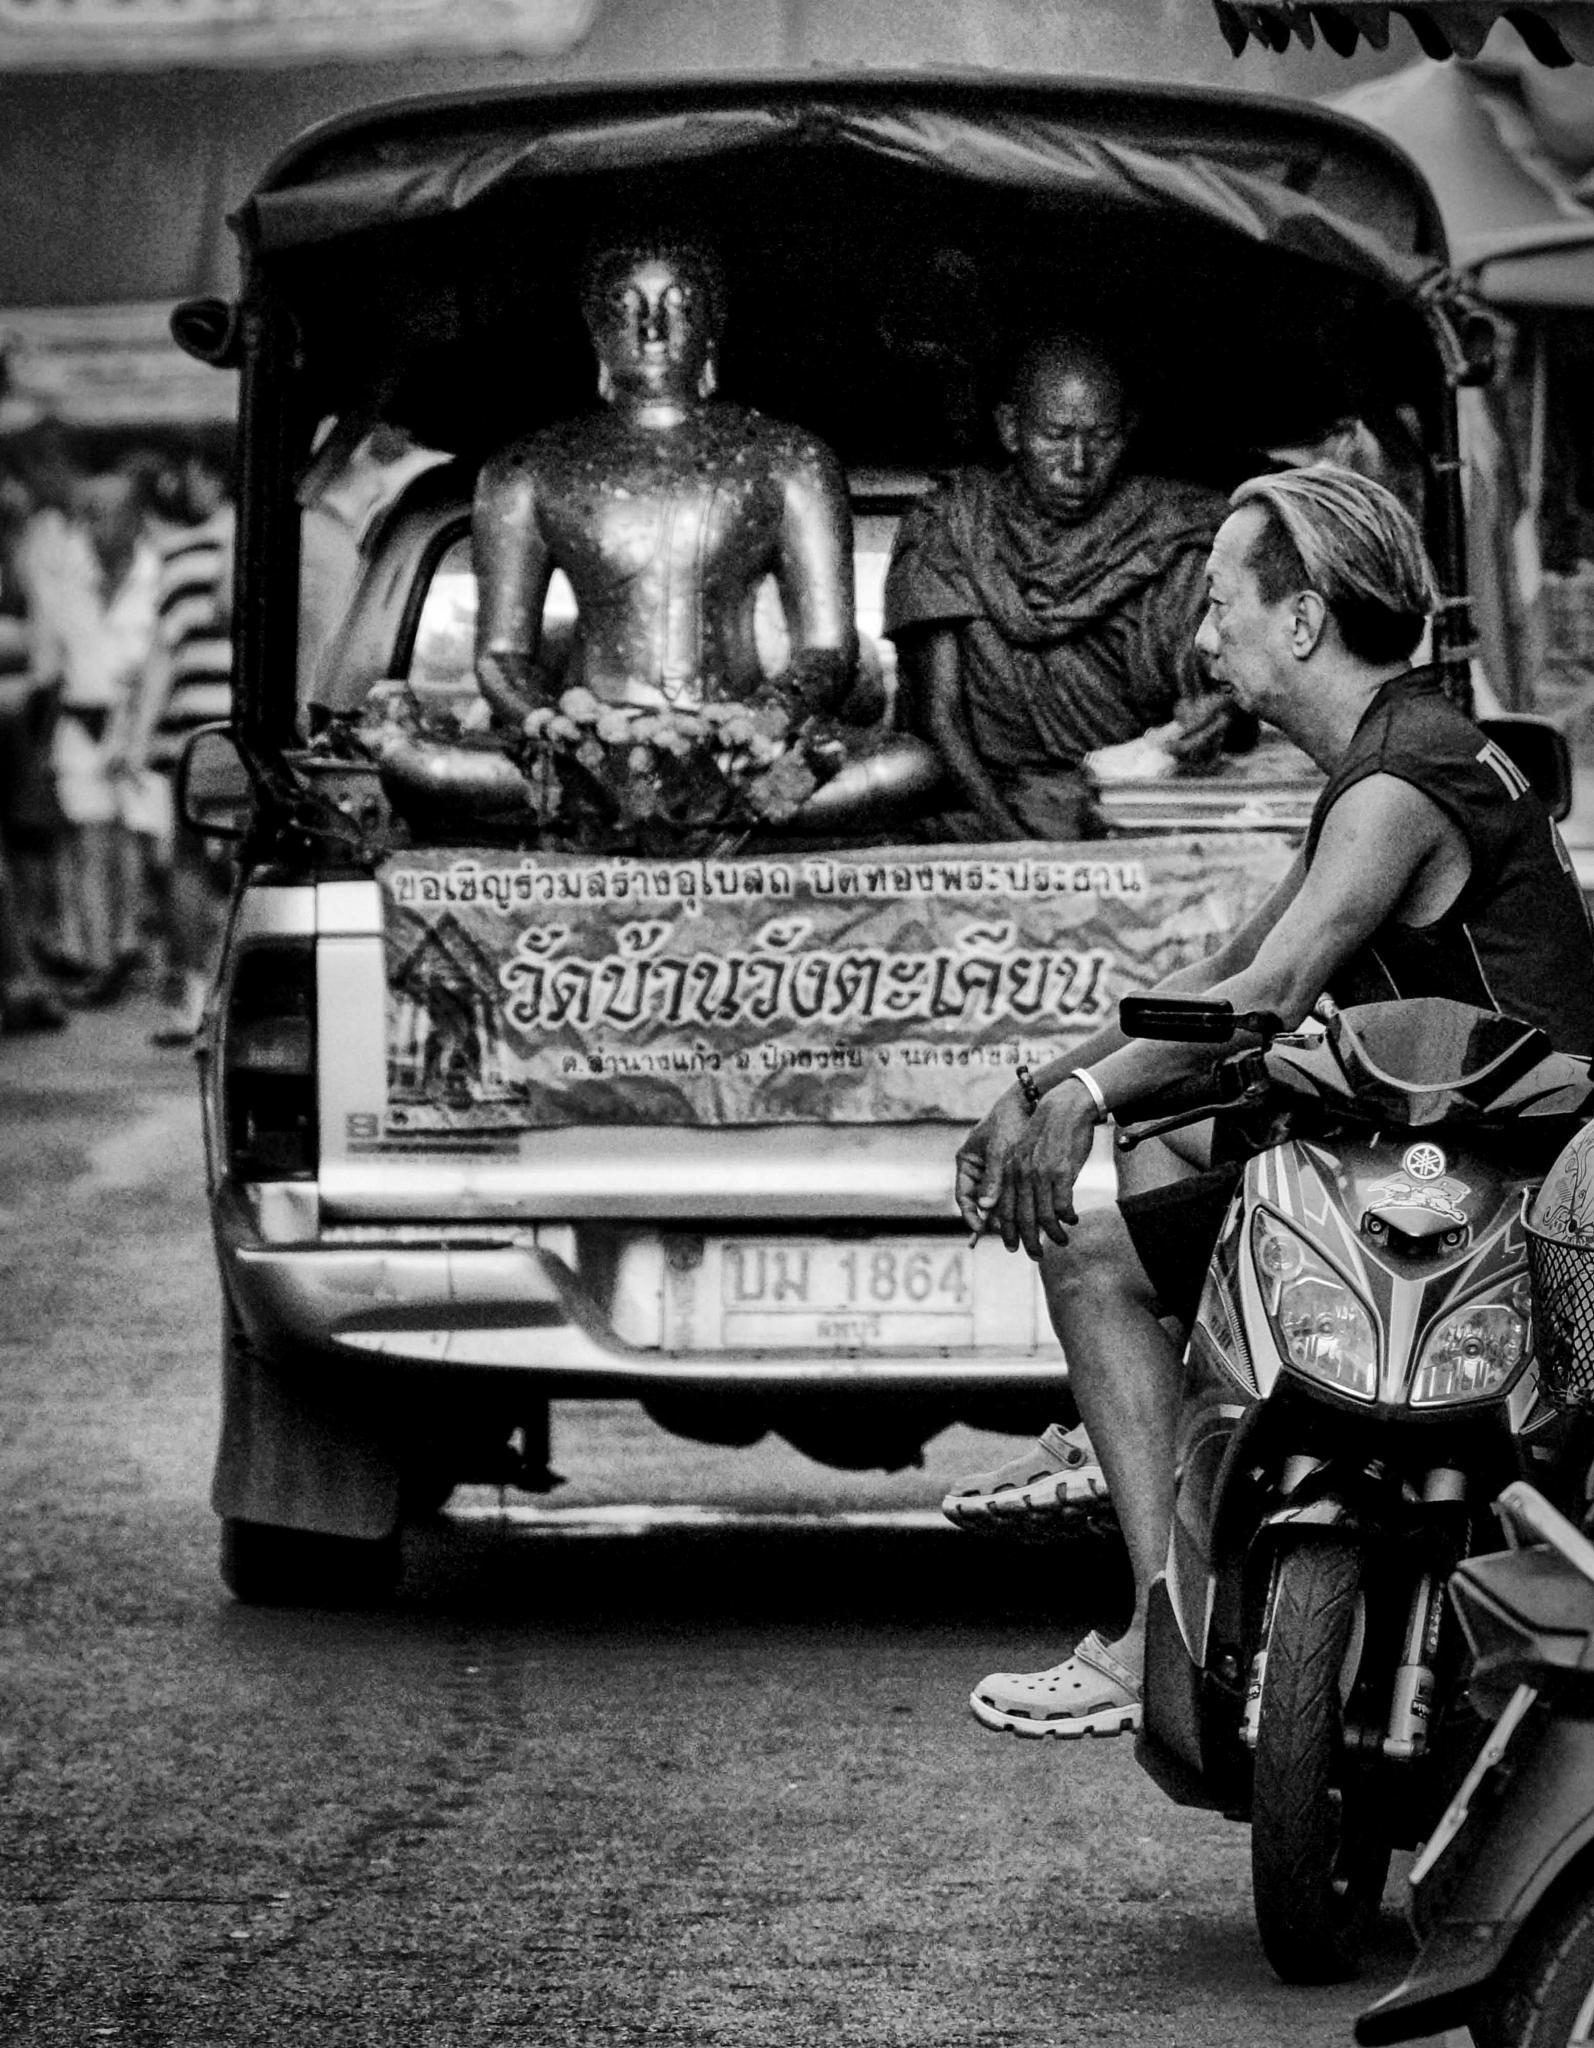 Bhudda by mario.sole1